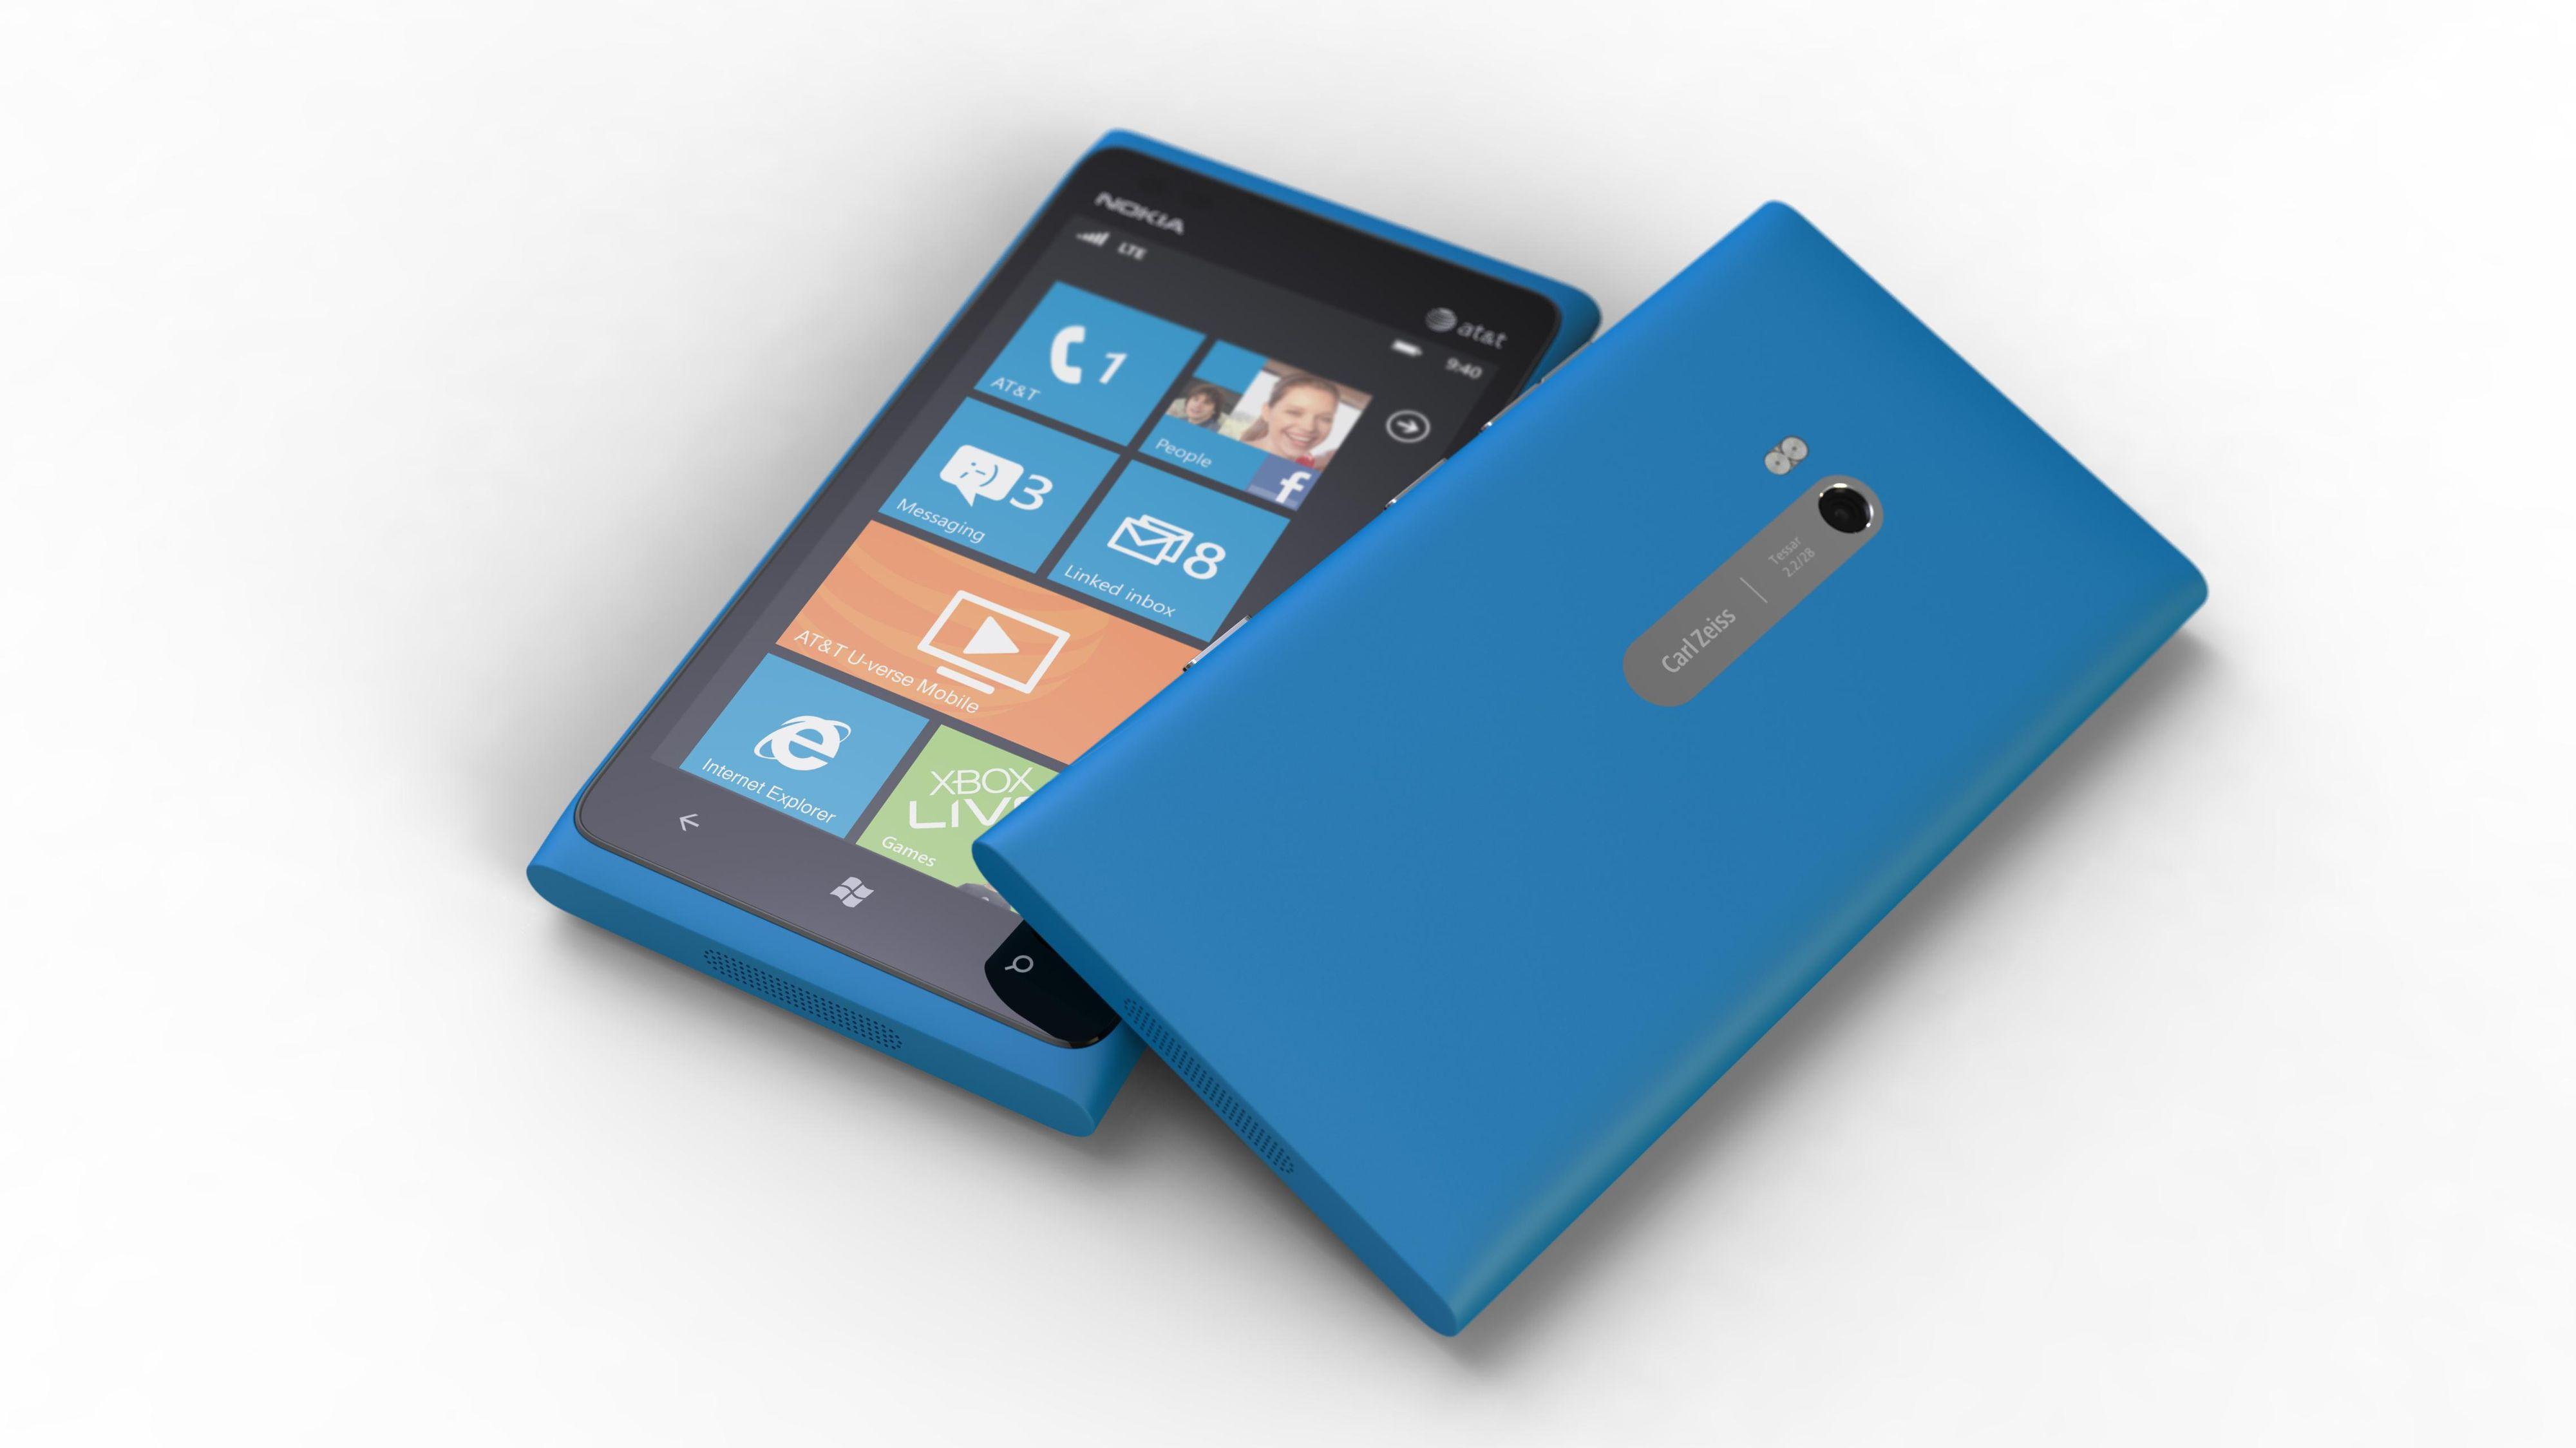 Nokia Lumia 900 Test Tek.no